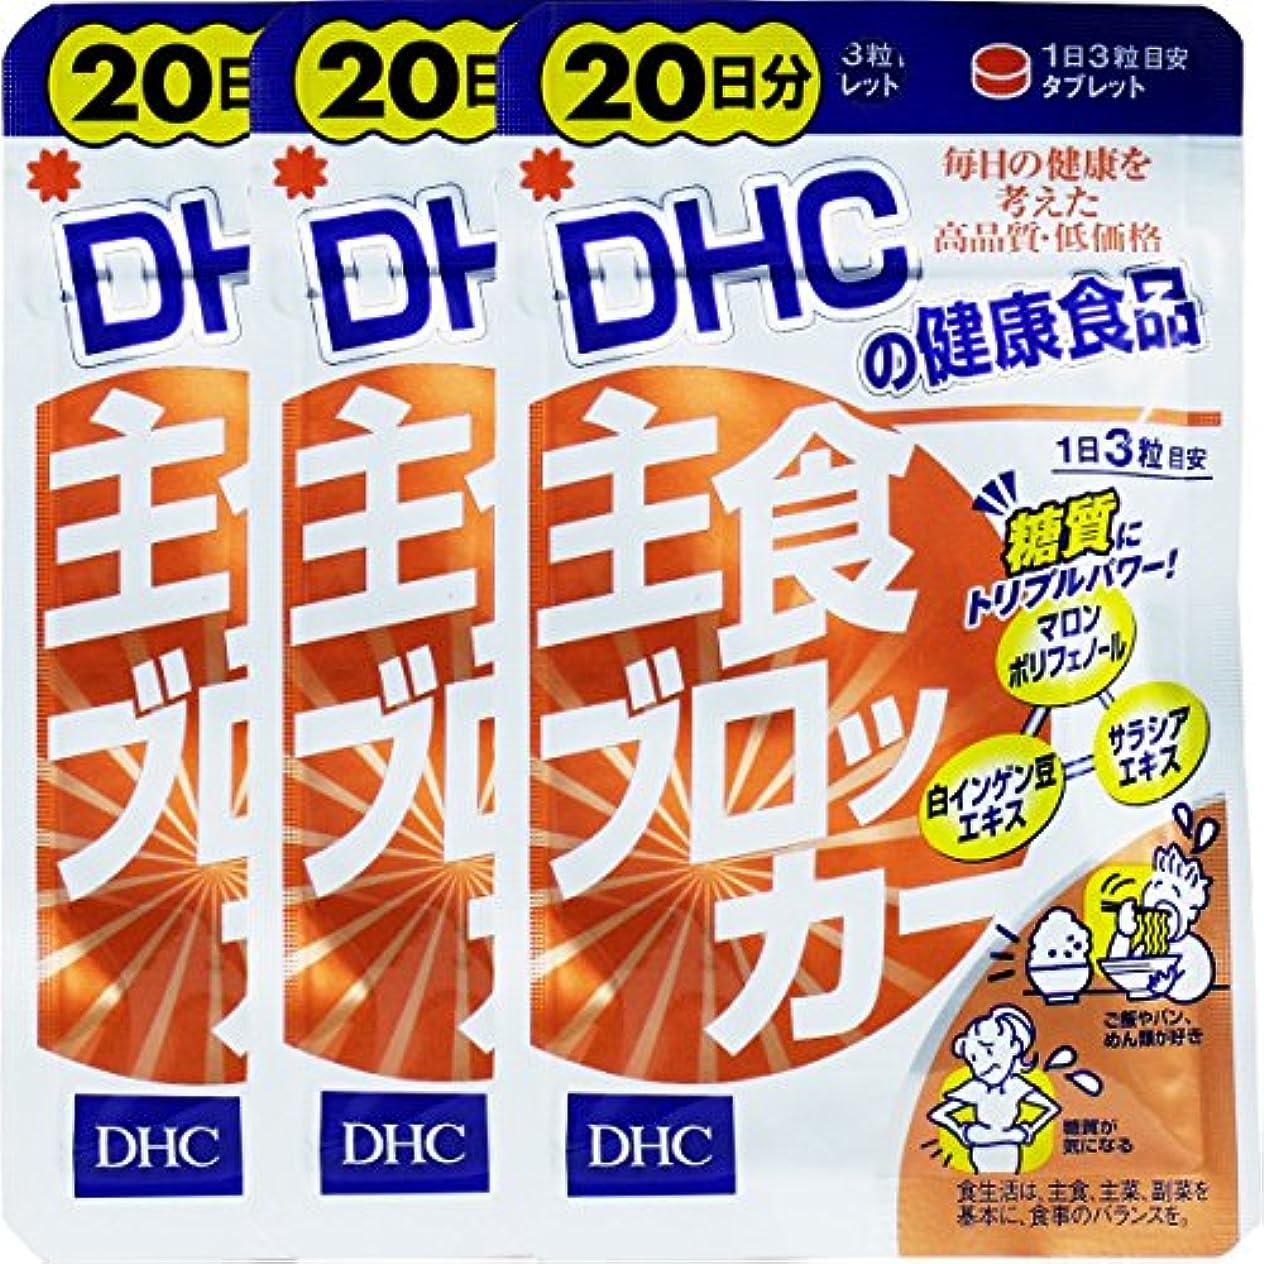 レンジ鋸歯状悪用DHC 主食ブロッカー 20日分 60粒入×3個